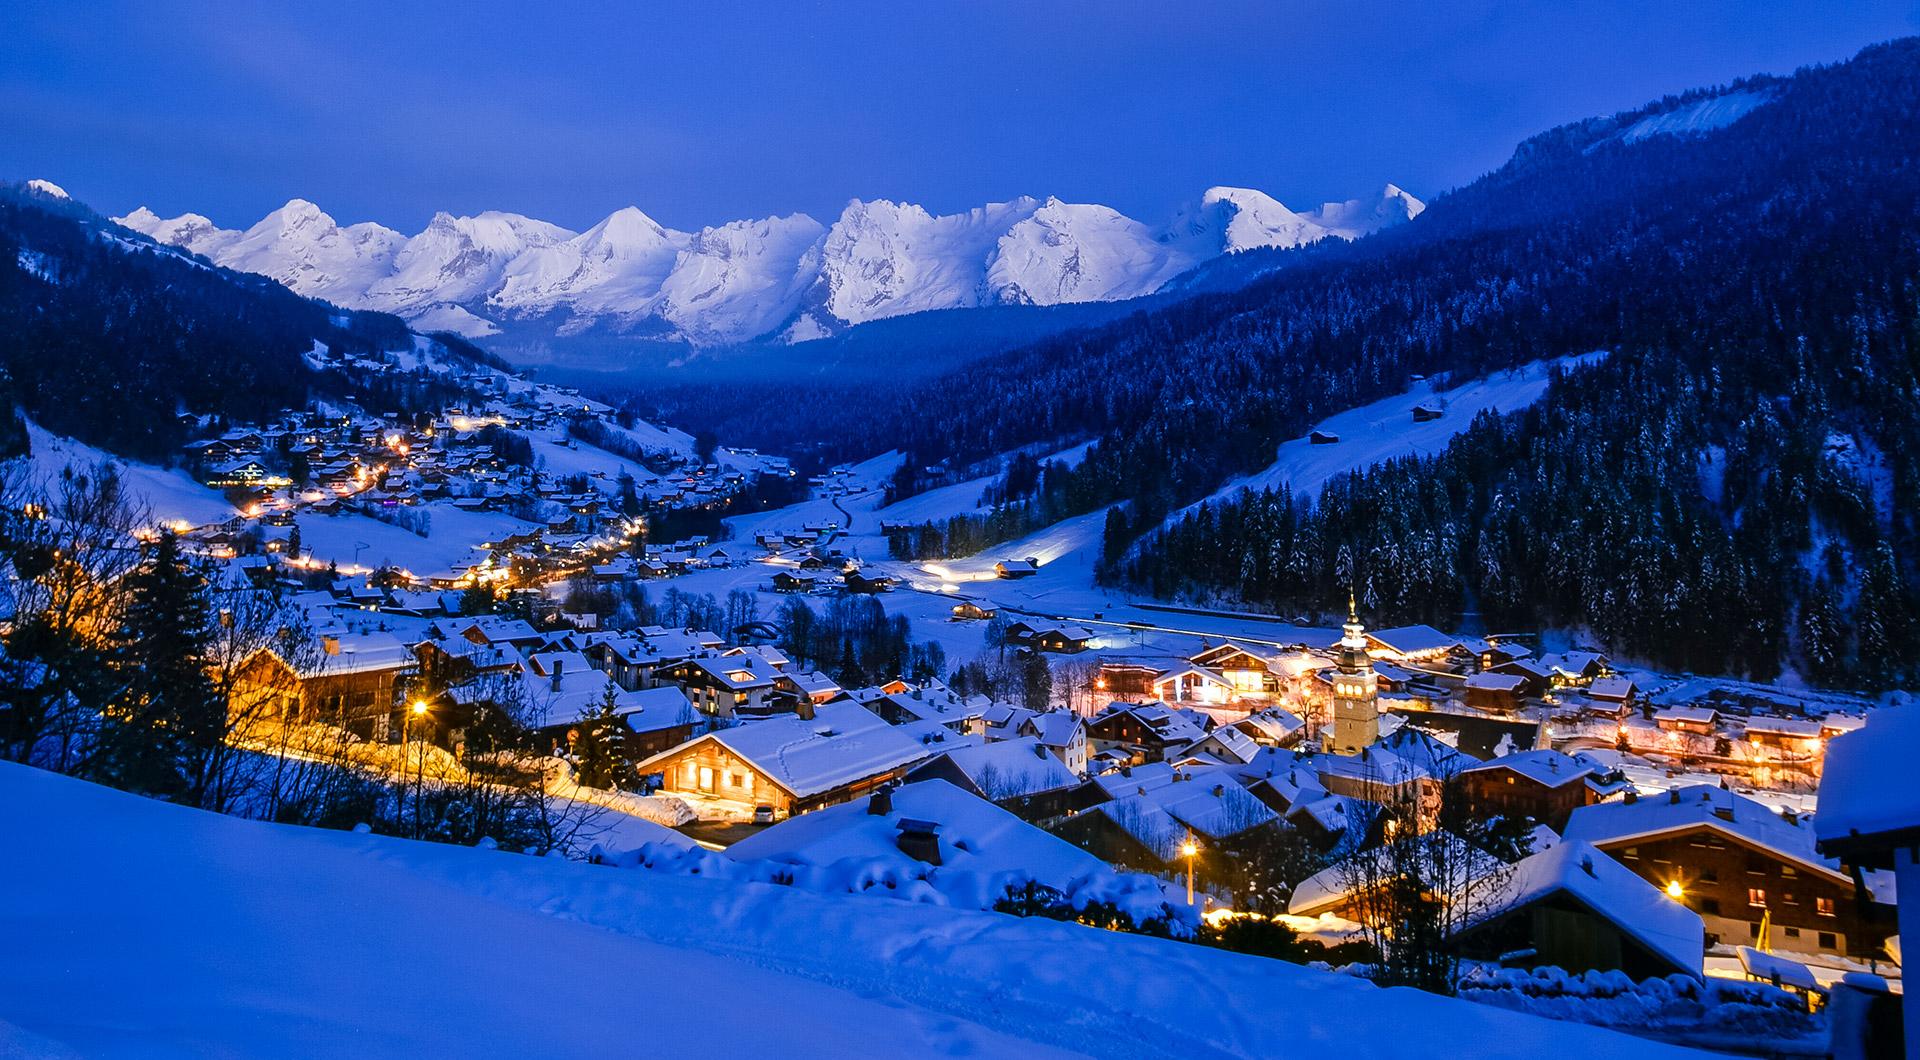 vue-village-hiver-146127